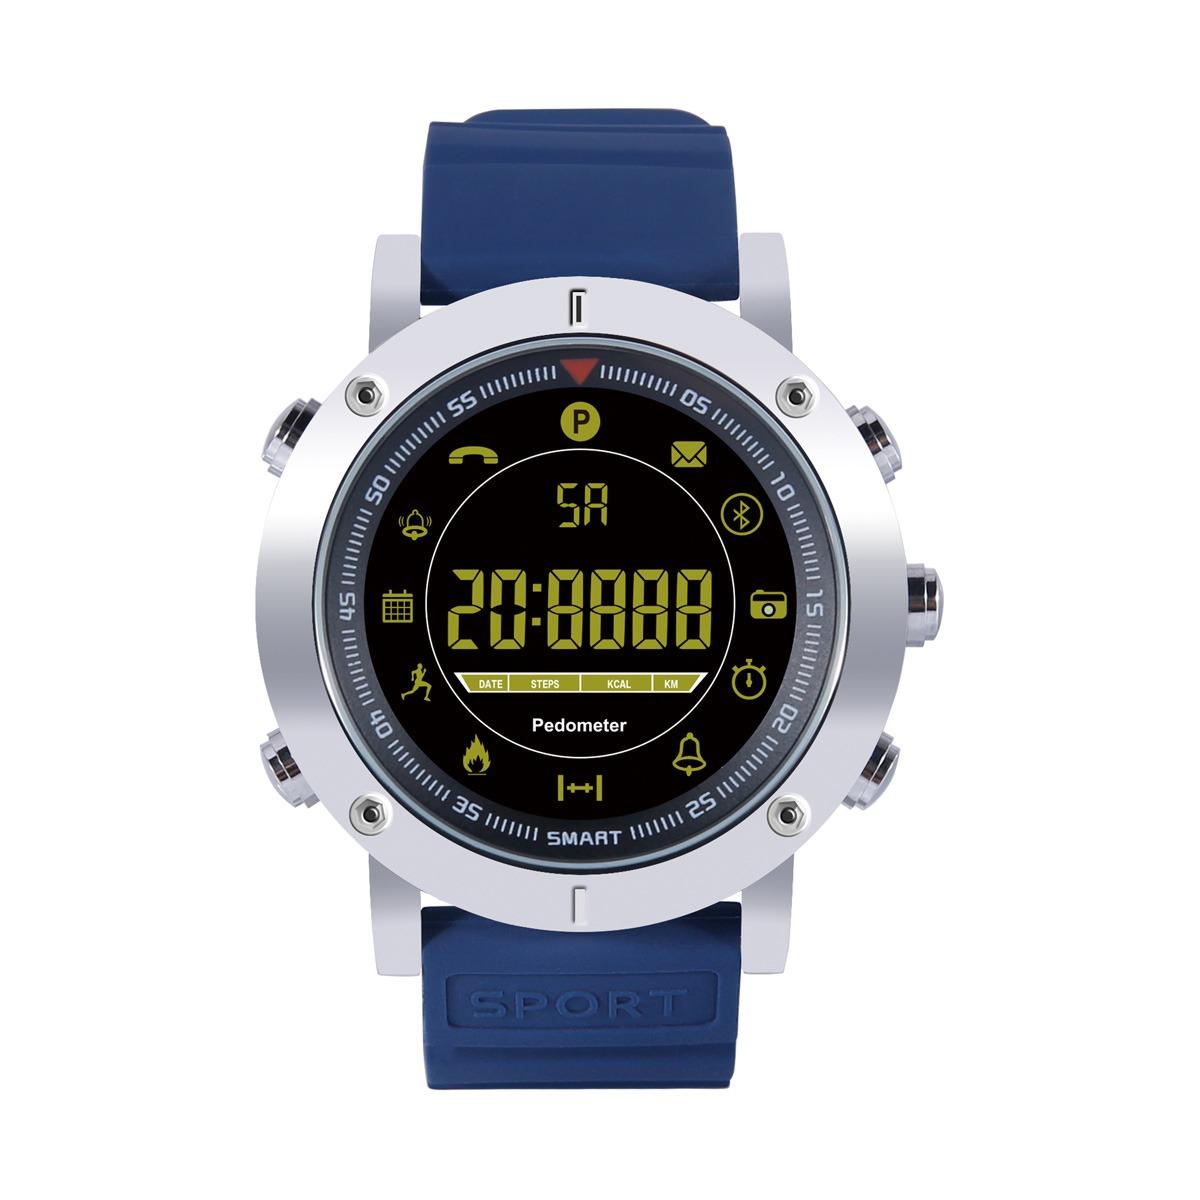 7fb0c5c32fd7 Reloj Deportivo Hombre Digital Sumergible 50 M Militar -   648.27 en ...